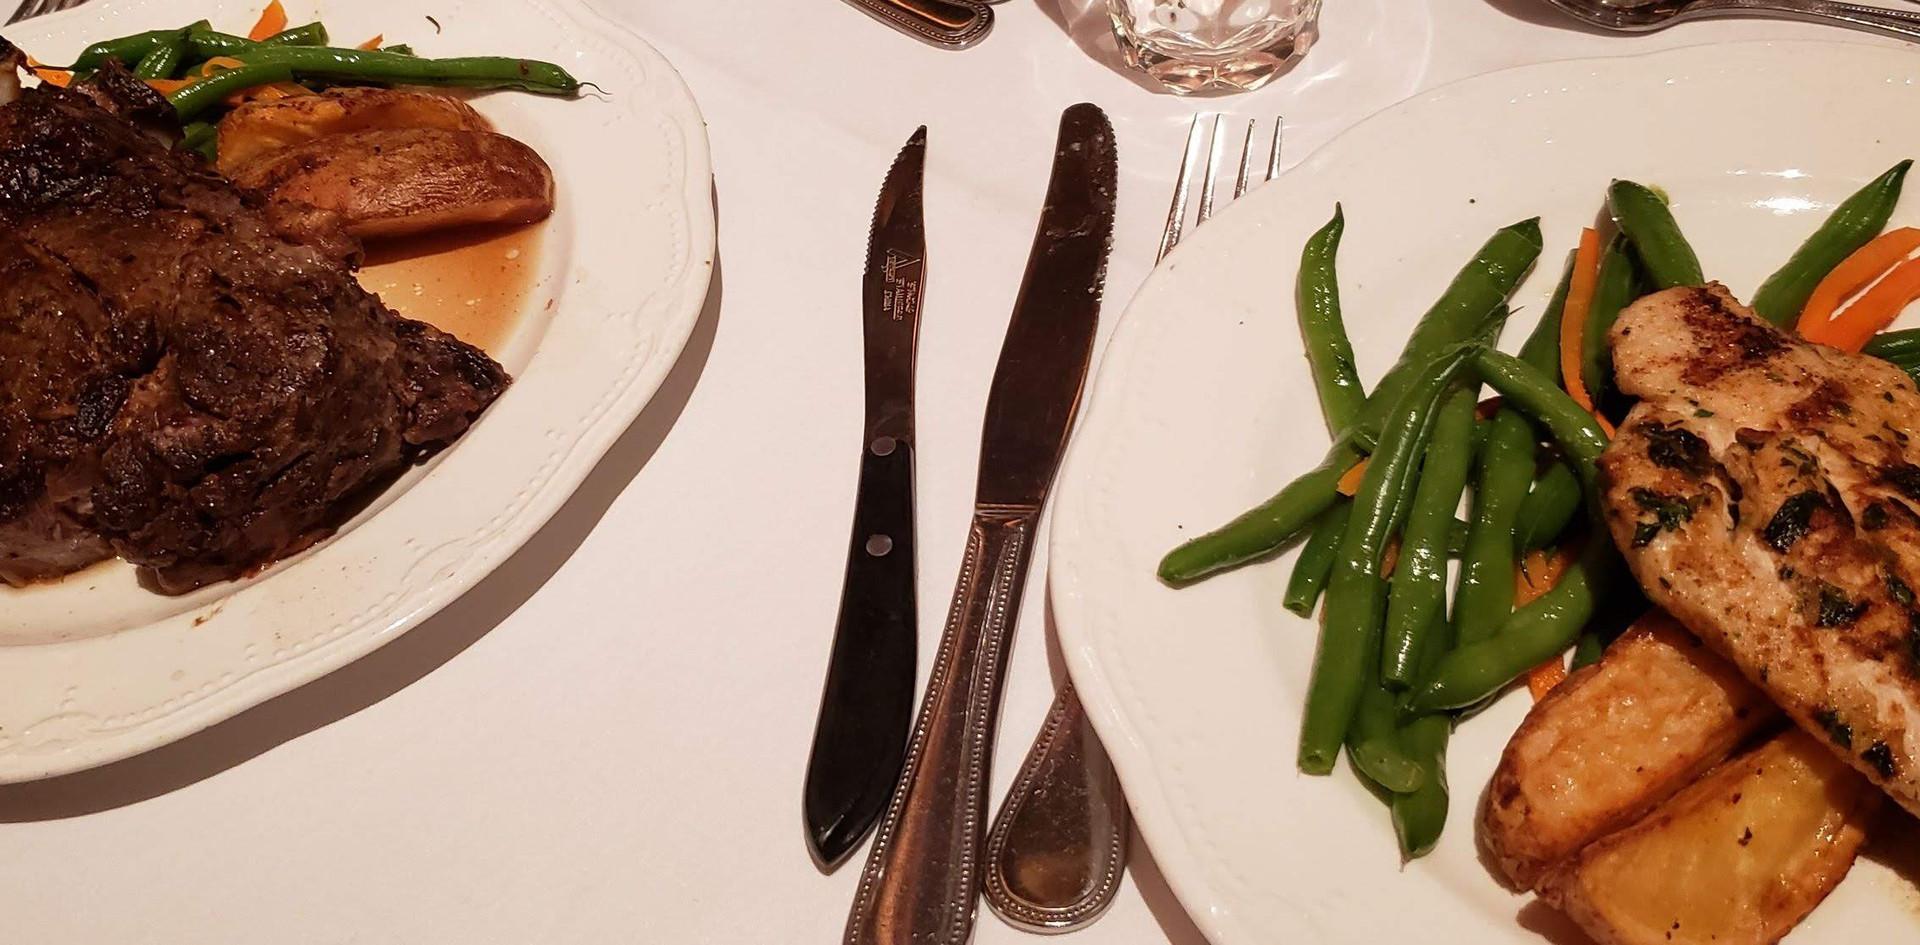 Prime rib and chicken dinners were delicious!!   (photo by Anna Mastrolillo)